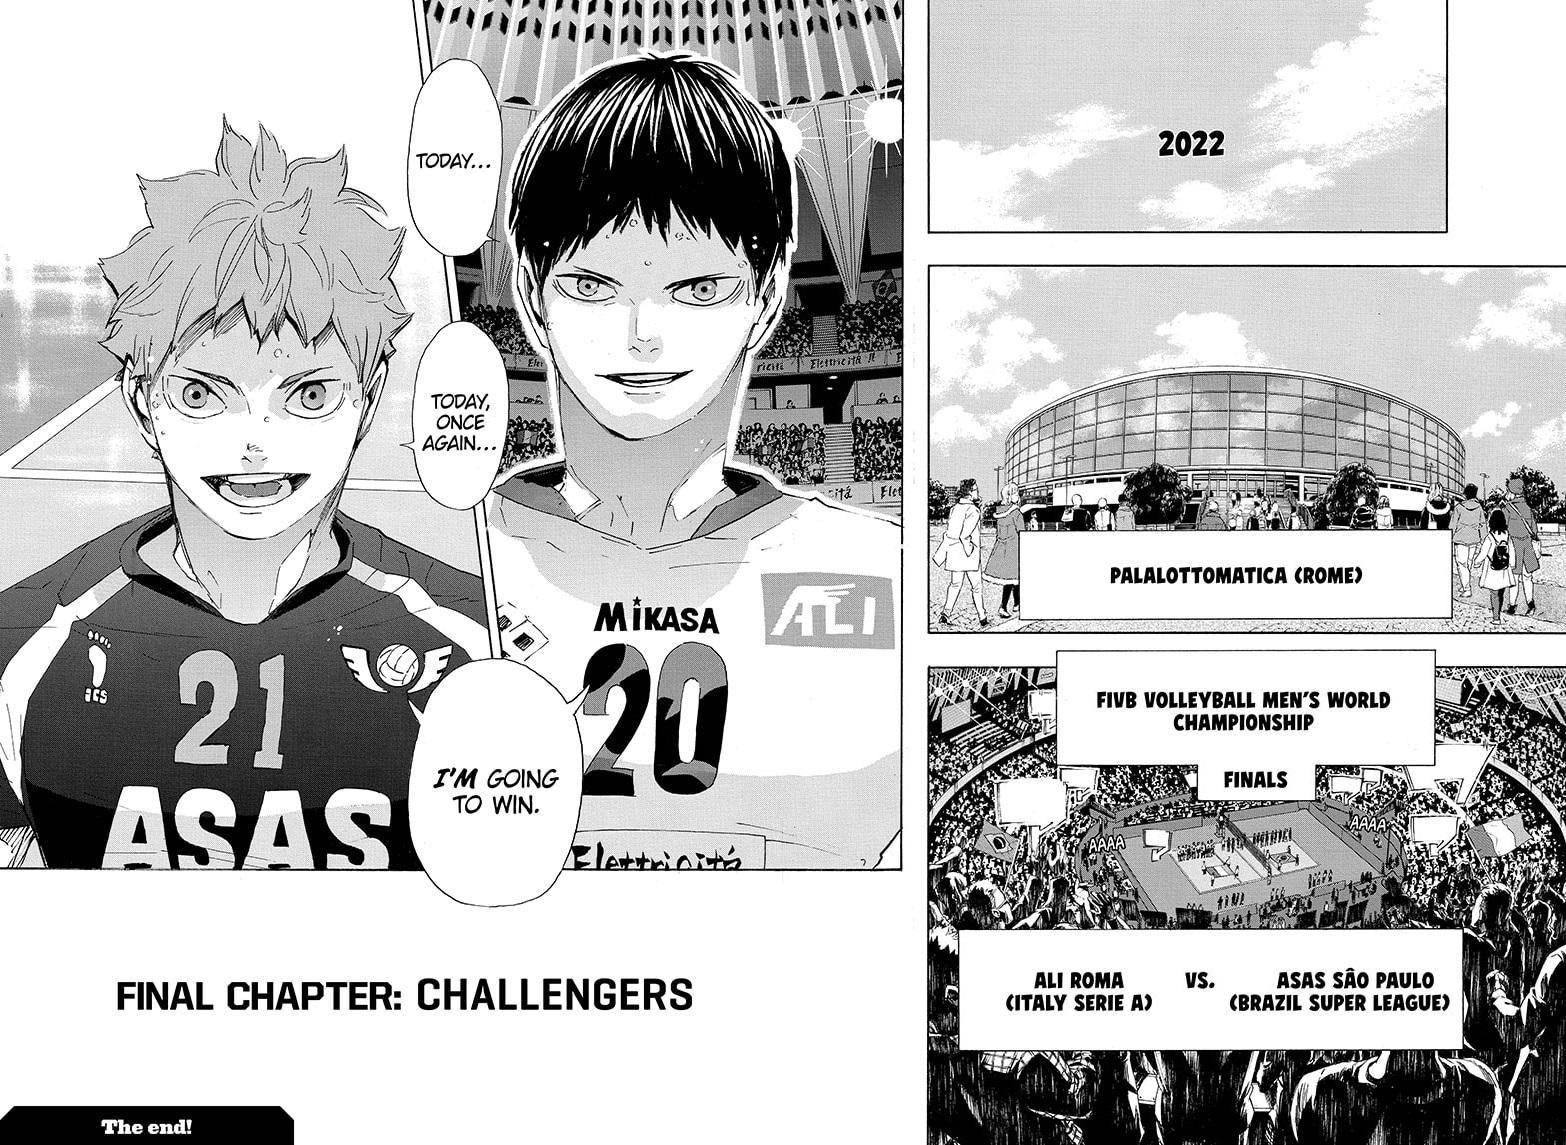 Haikyuu Chapter 402 Read Haikyuu Manga Online In 2020 Haikyuu Haikyuu Anime Manga